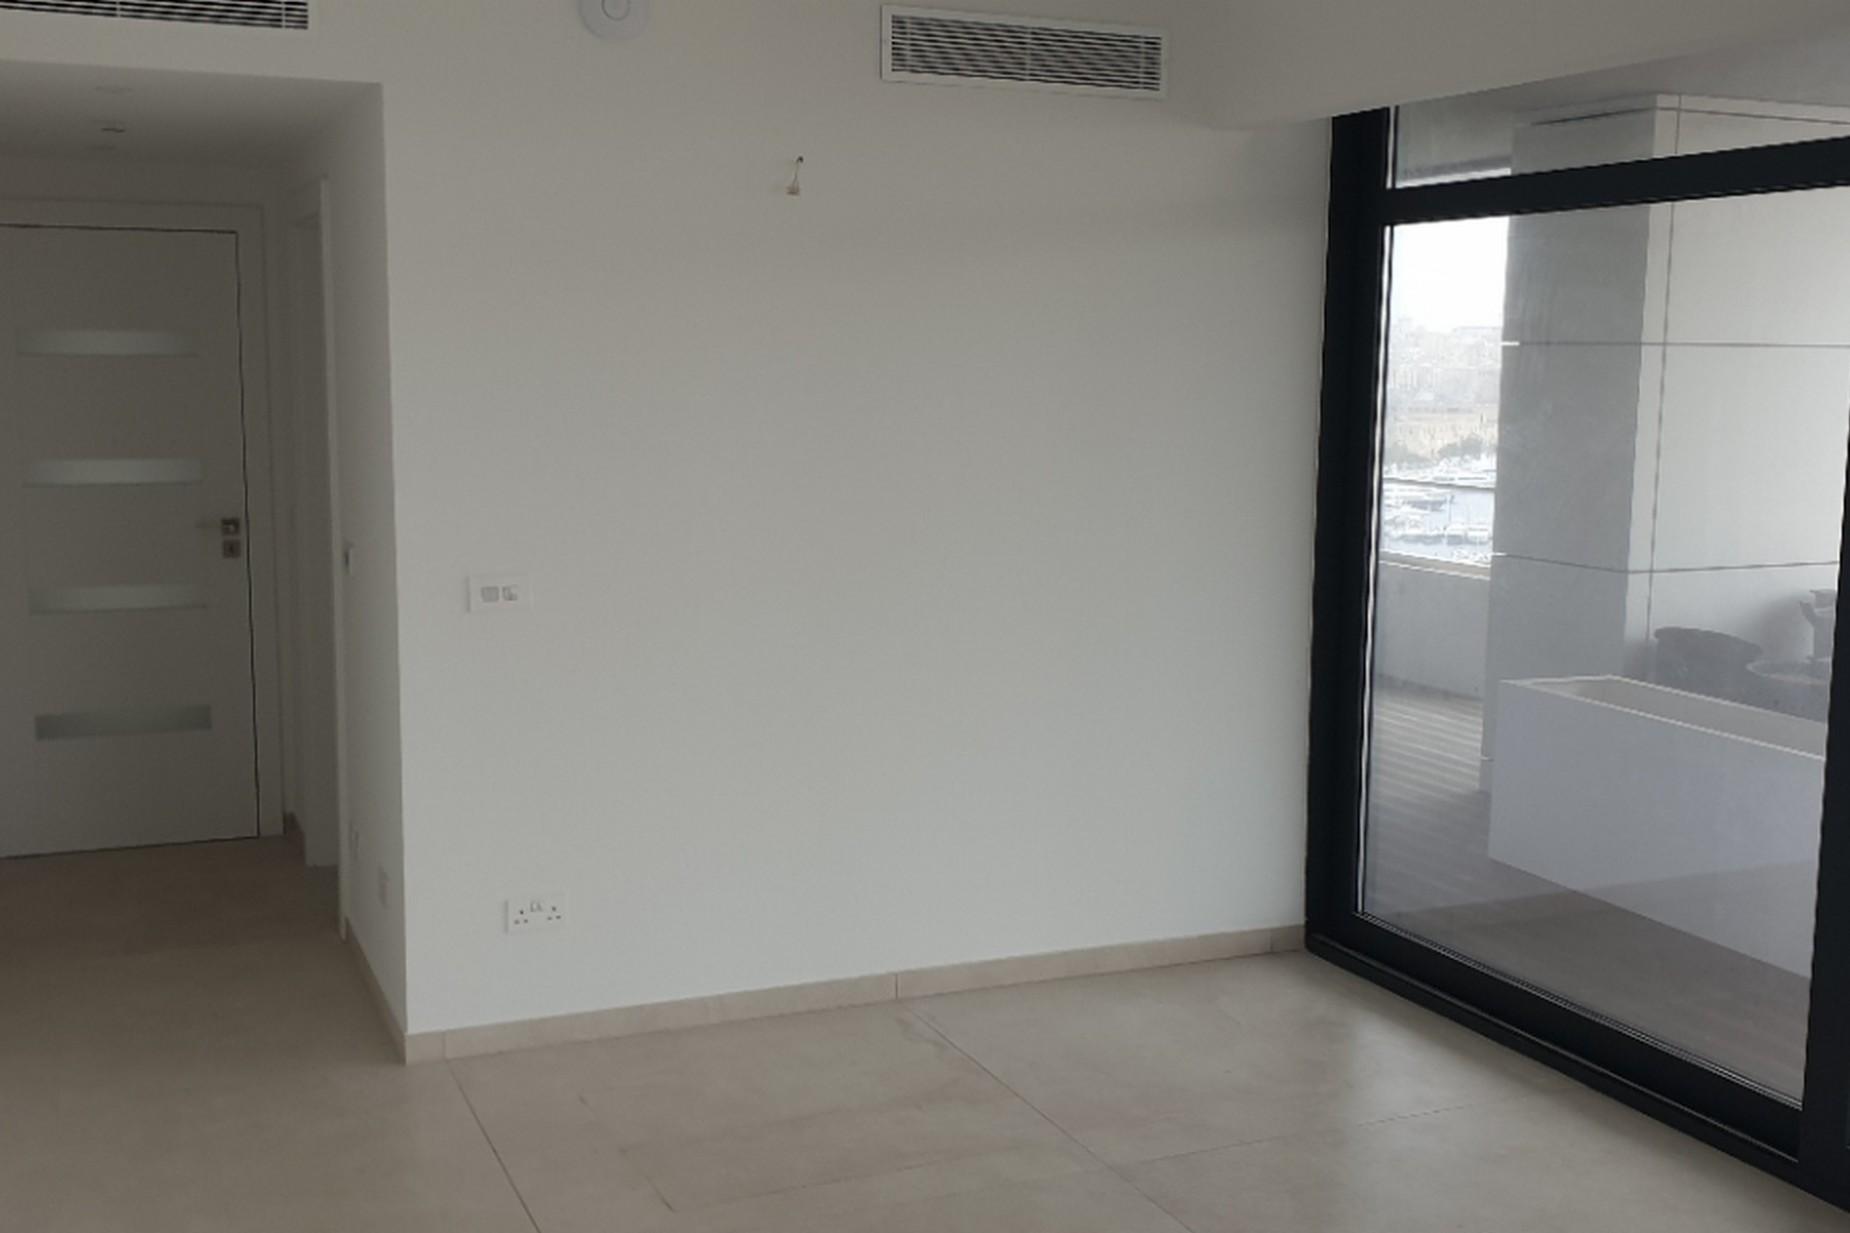 3 bed Apartment For Sale in Gzira, Gzira - thumb 4